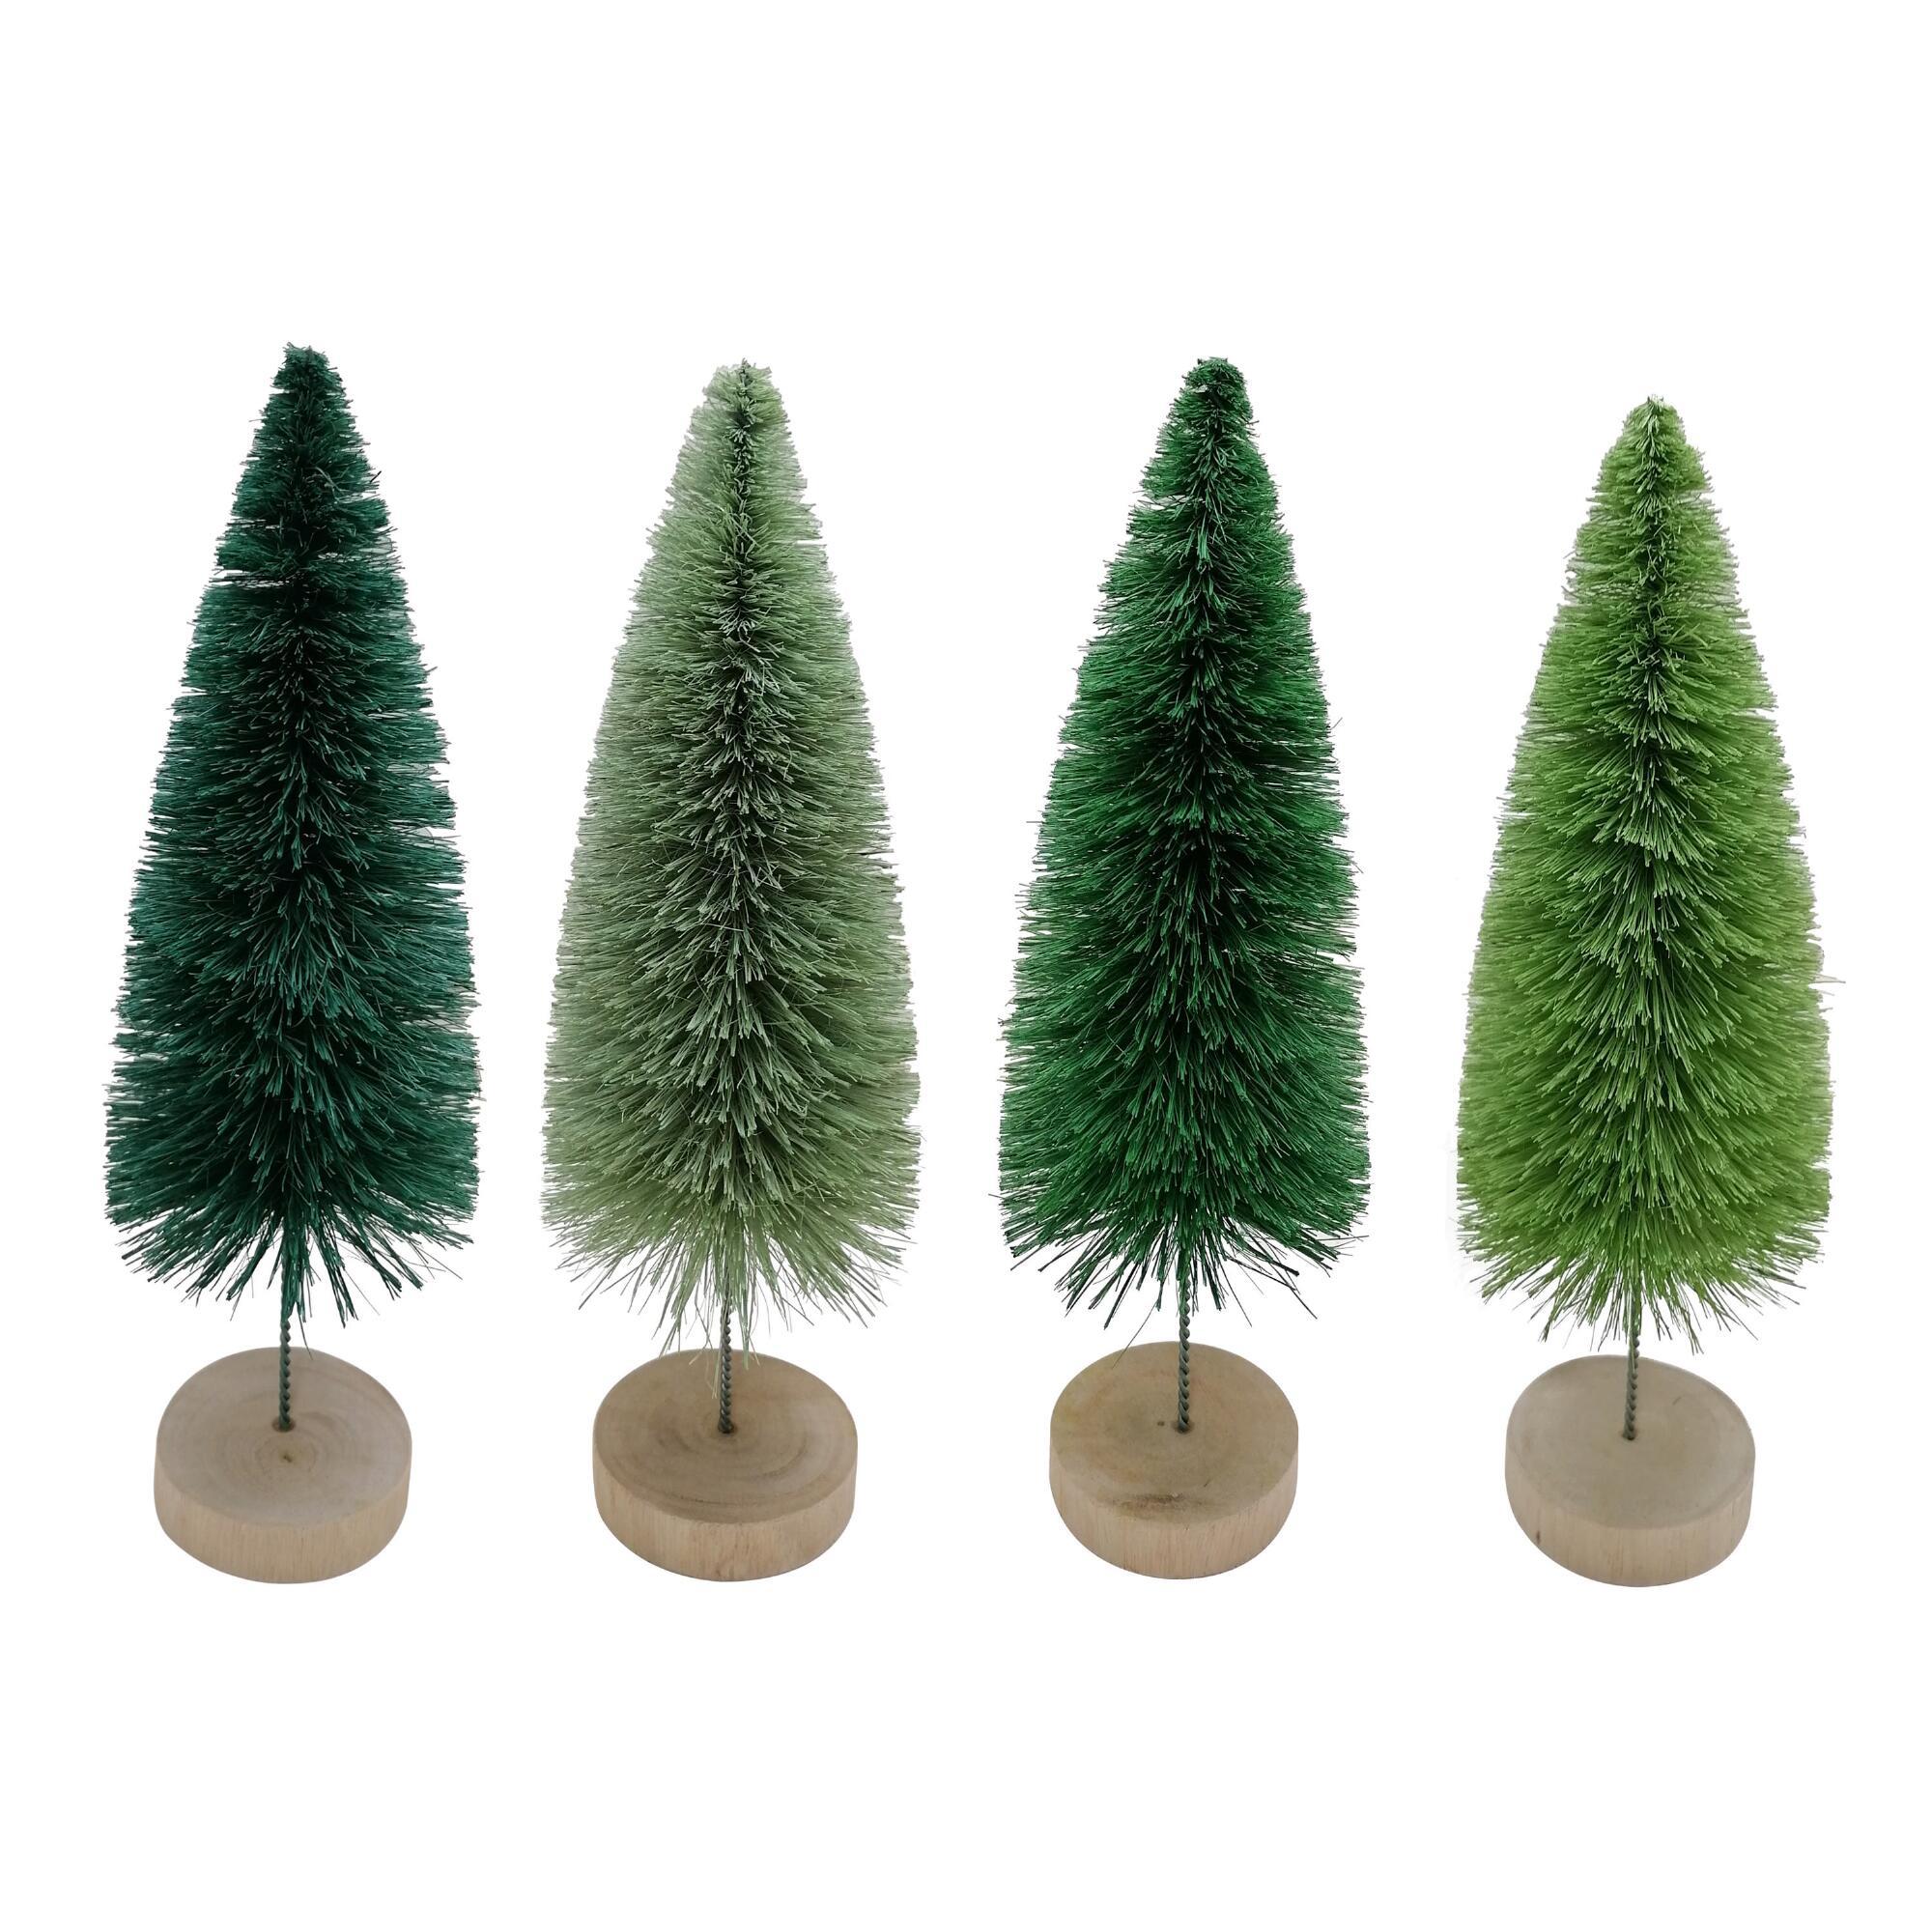 Green Bottlebrush Trees Set Of 4 $19.96